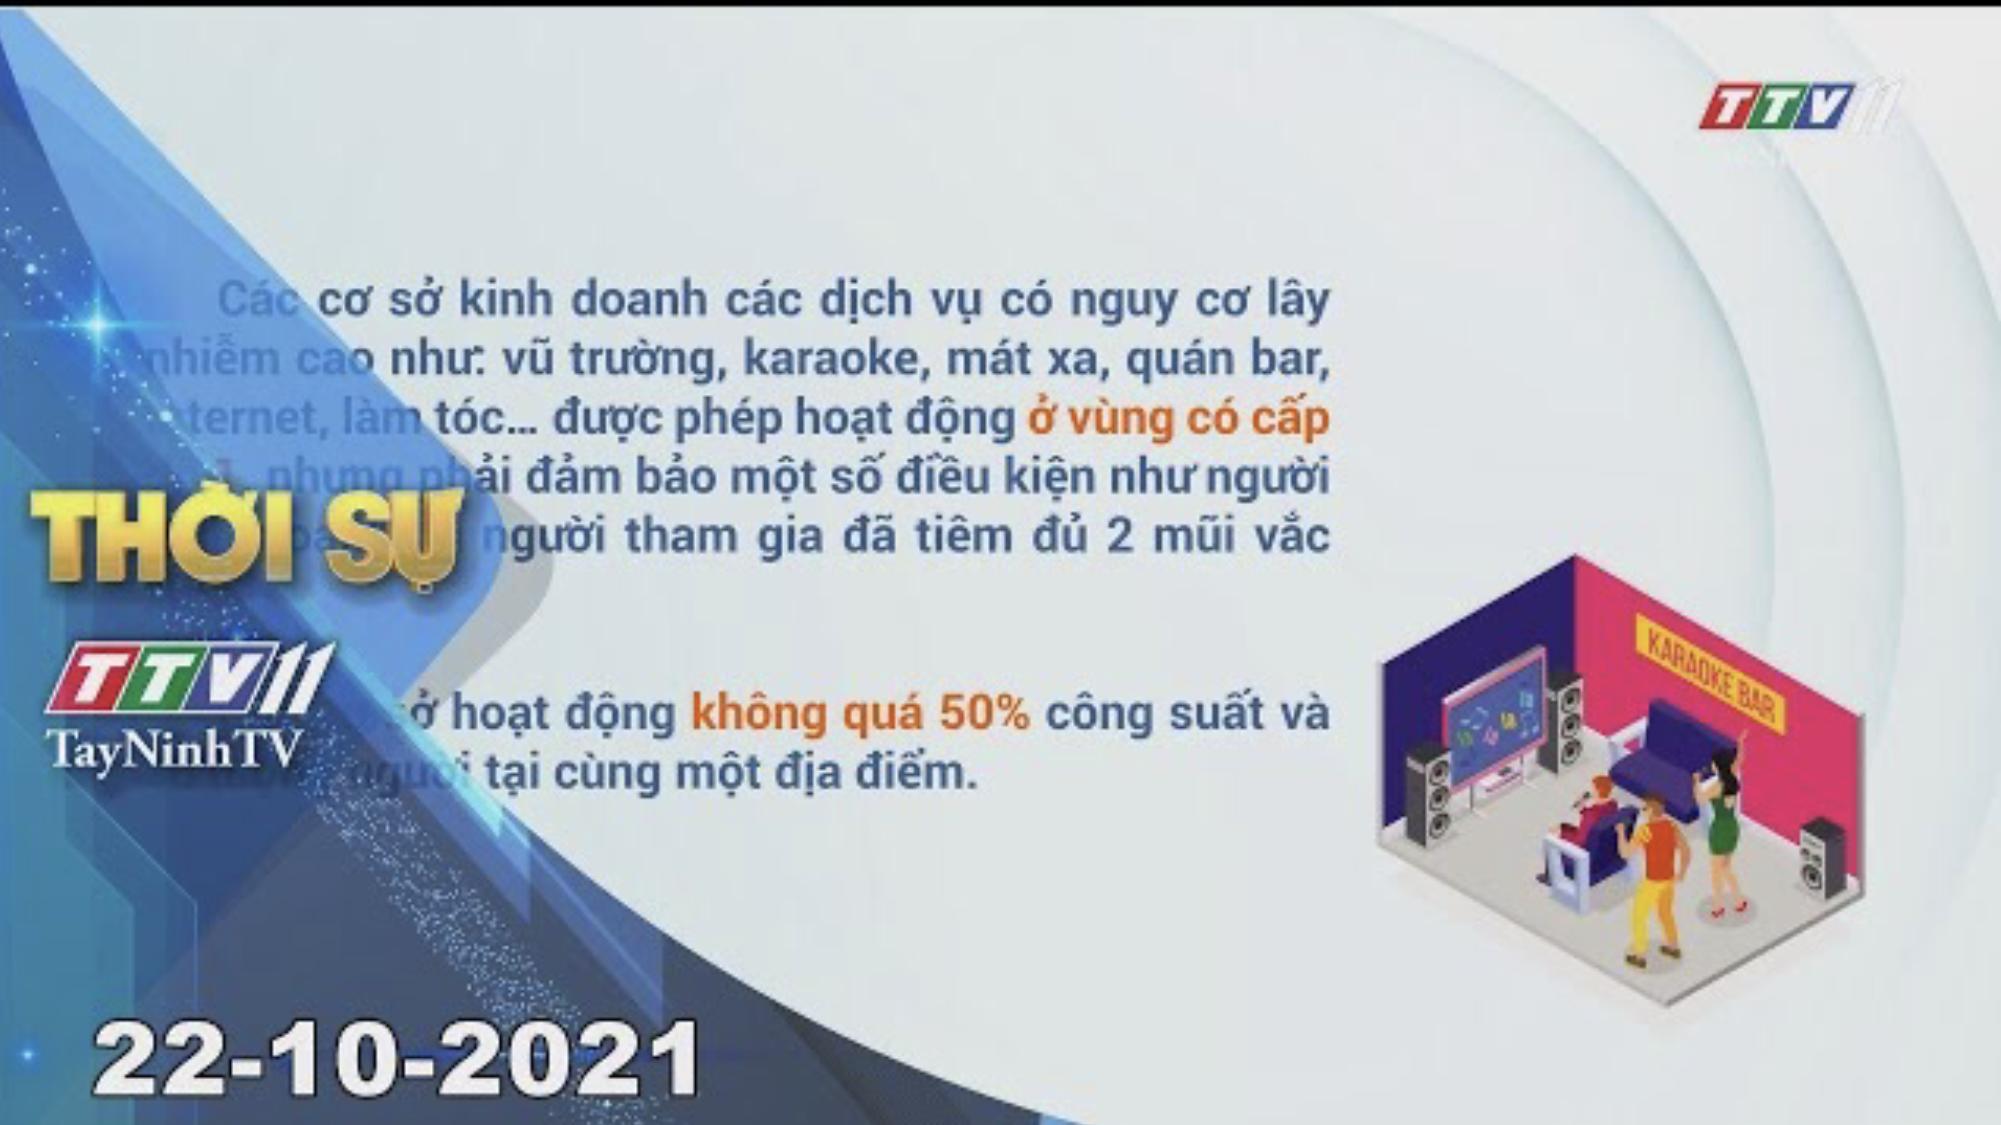 THỜI SỰ TÂY NINH 22/10/2021 | Tin tức hôm nay | TayNinhTV